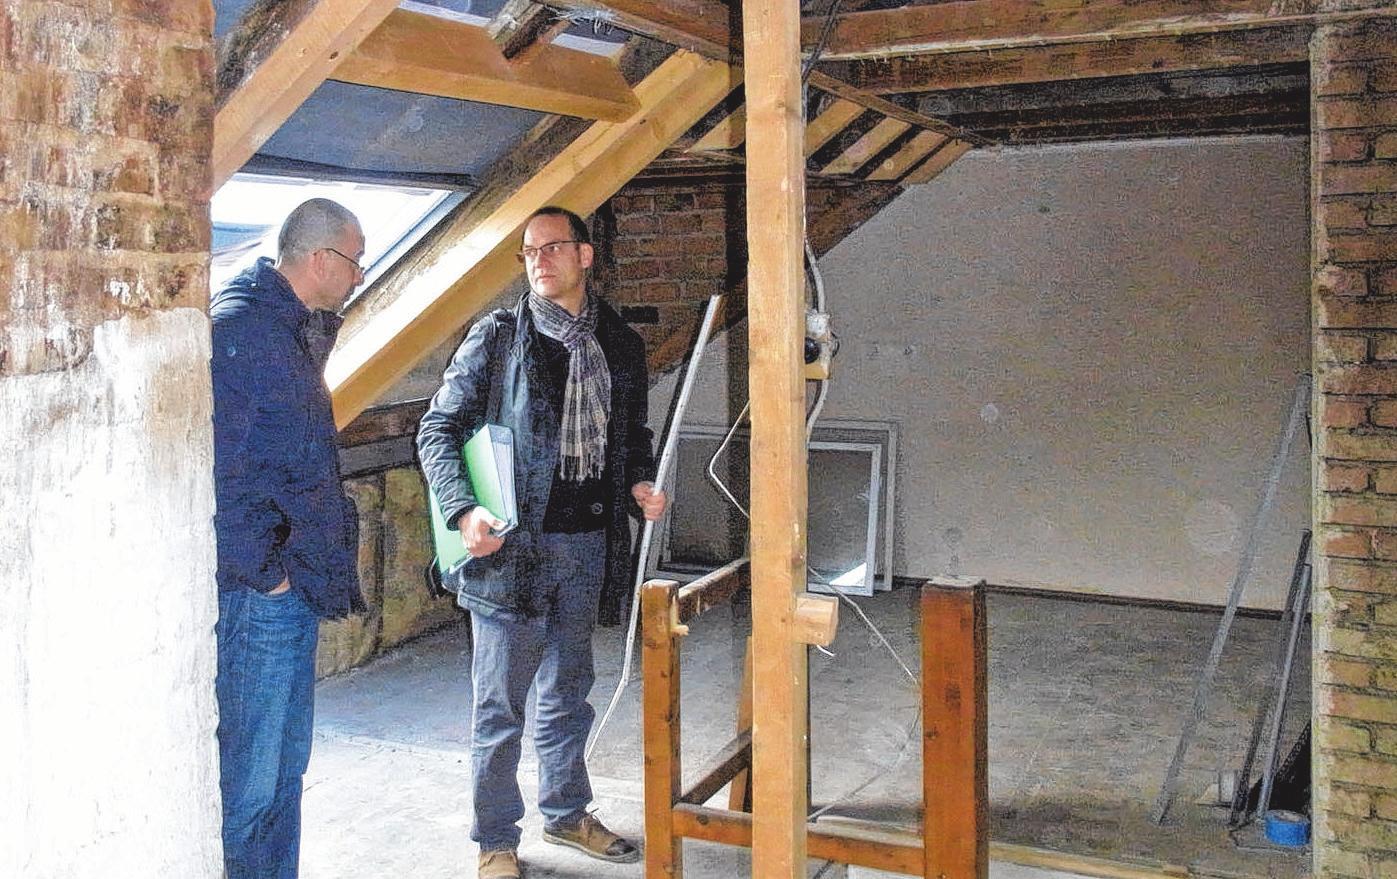 Vorsicht beim Altbaukauf: Werden substanzielle Schäden im Mauerwerk oder Dachstuhl zu spät erkannt, kann es richtig teuer werden. Foto: djd/Bauherren-Schutzbund e.V.